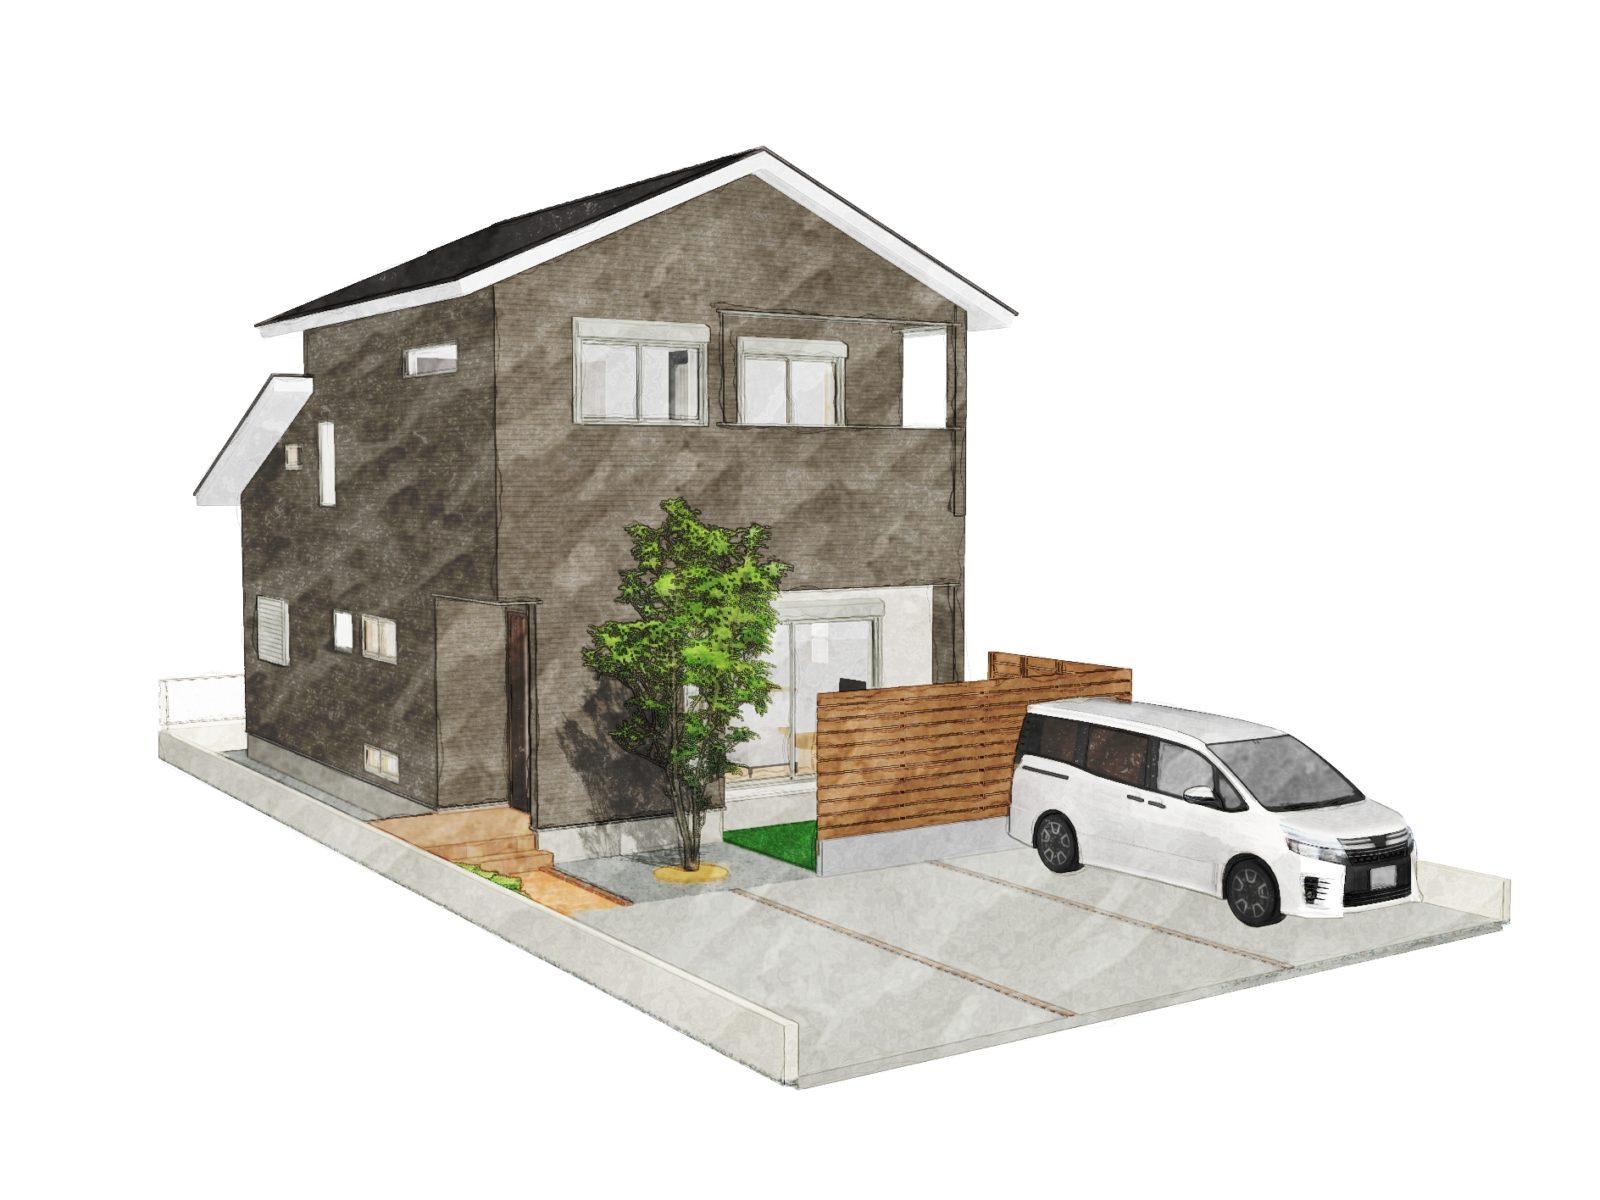 鹿児島市清和4丁目でオープンハウス ラク家事動線と豊富な収納が魅力的なお家